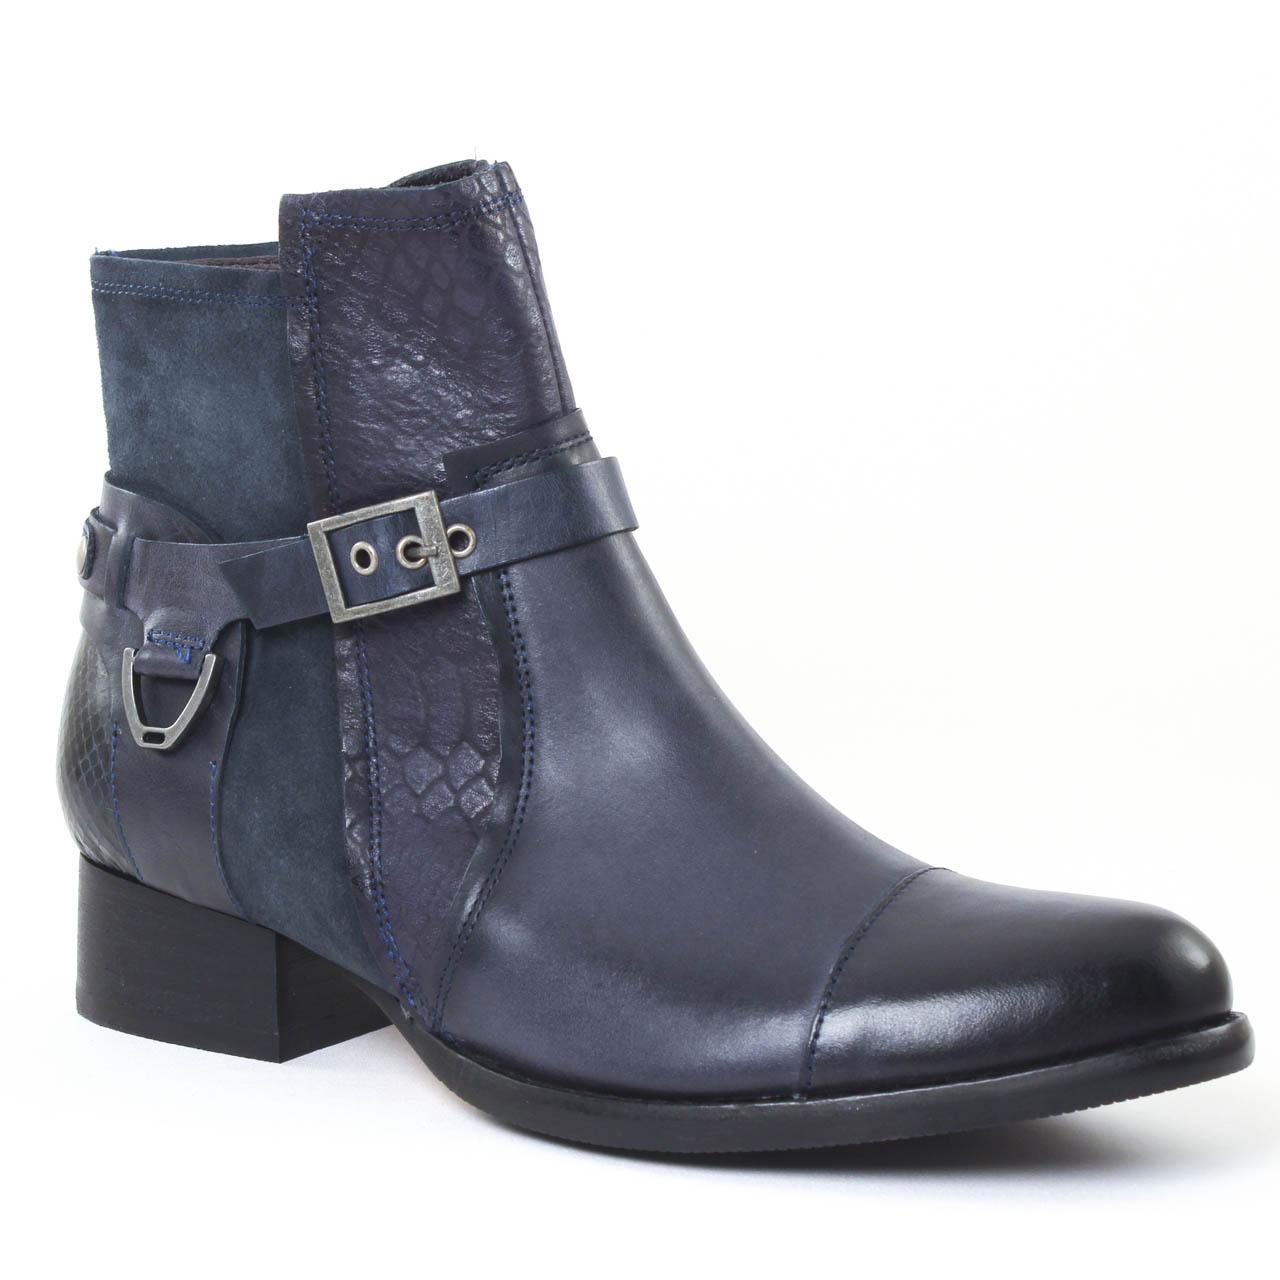 mamzelle jerome compo navy boots bleu marine automne hiver chez trois par 3. Black Bedroom Furniture Sets. Home Design Ideas